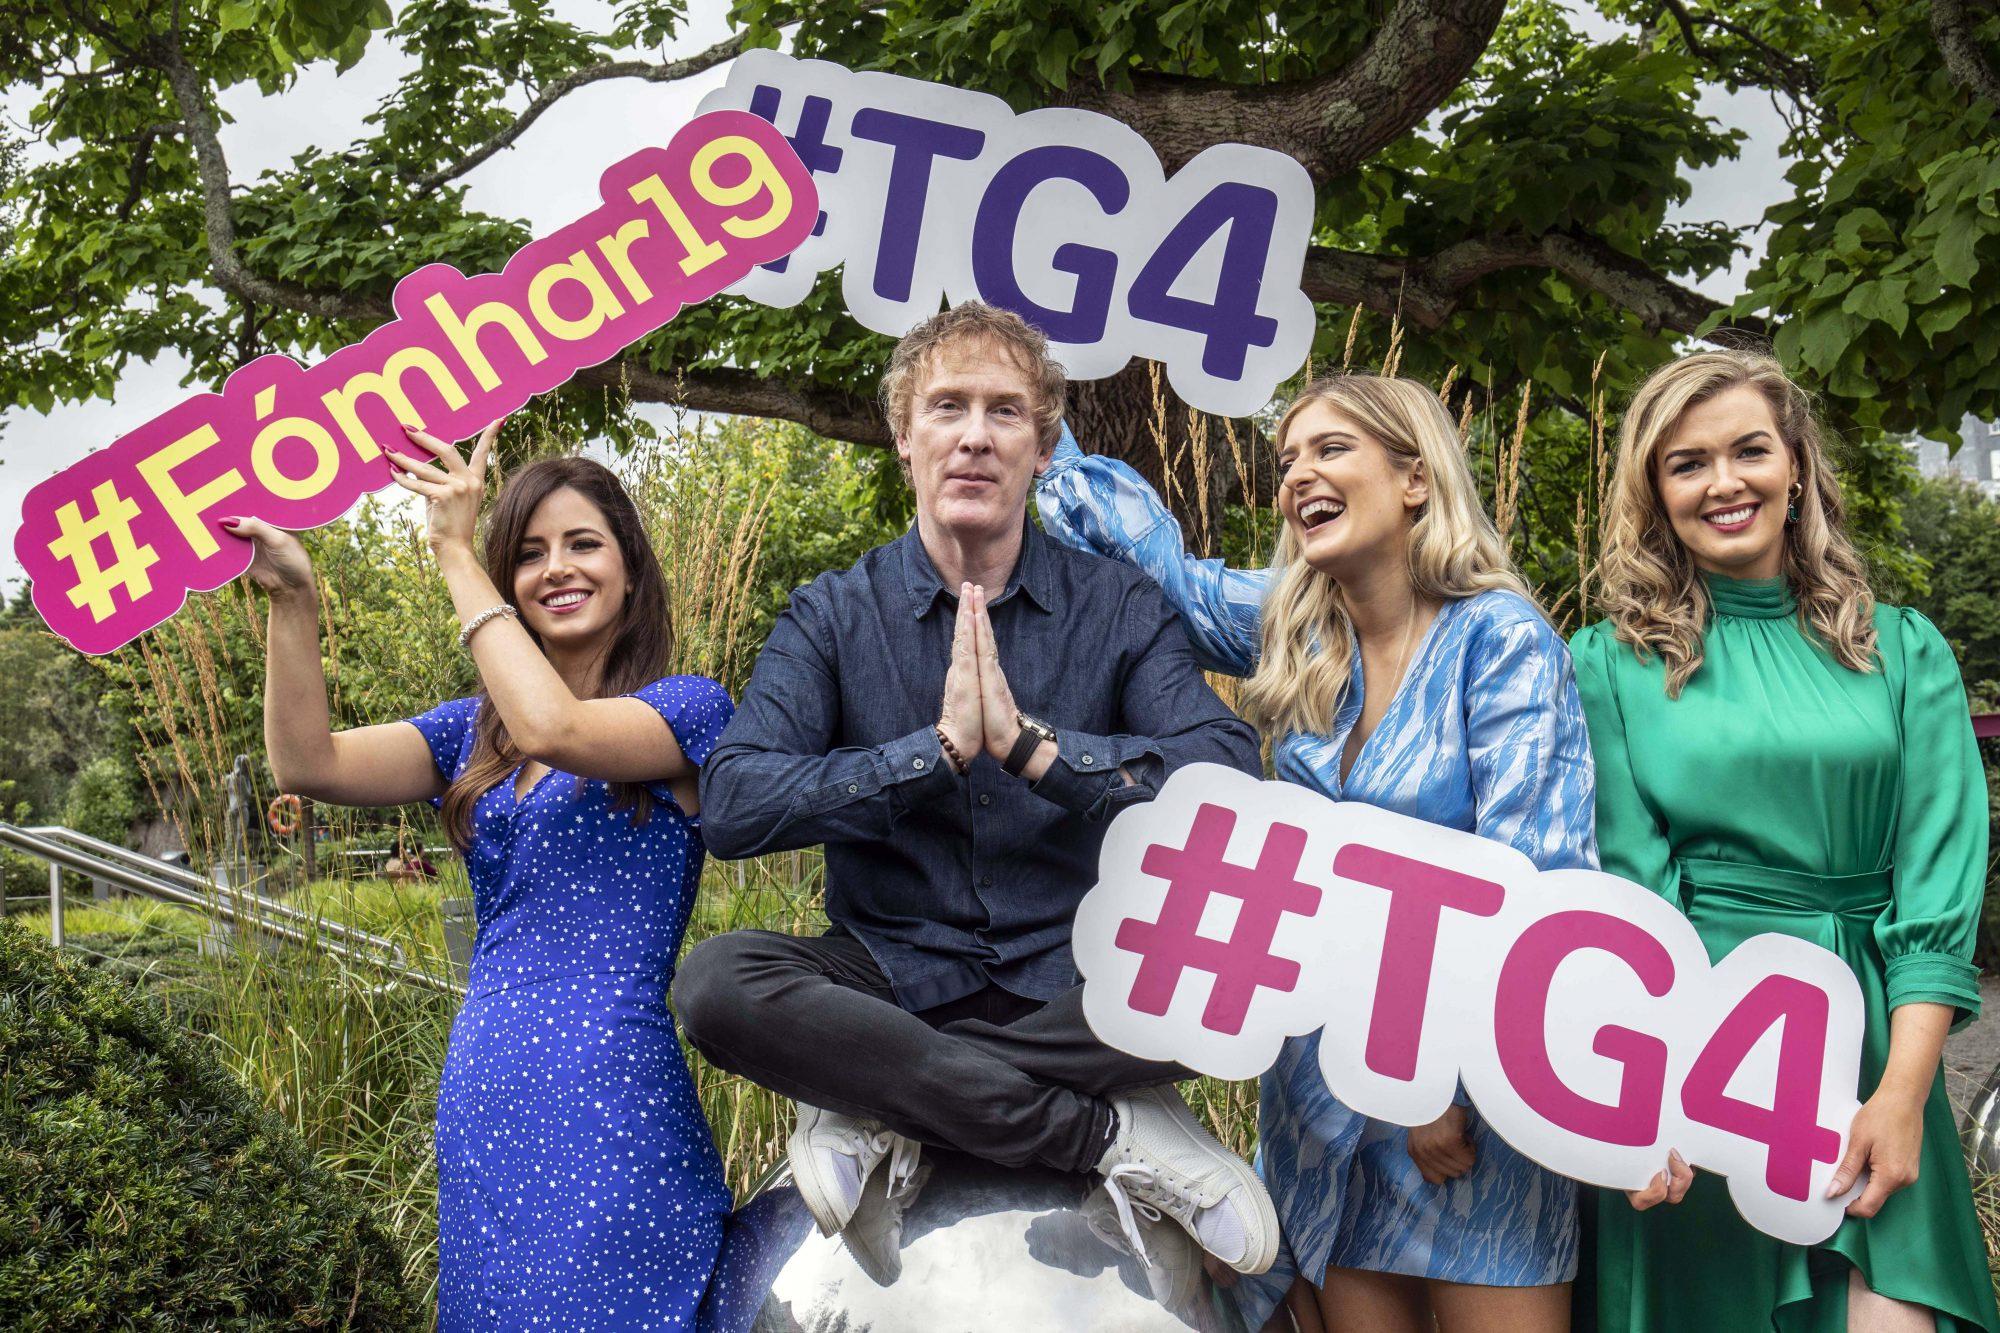 Fiona Ní Fhlaihearta, Hector Ó hEochagáin, Doireann Ní Ghlacáin & Caitlín Nic Aoidh pictured at TG4's Autumn Schedule Launch in the stunning Fitzgerald Park in Cork.  Picture Clare Keogh